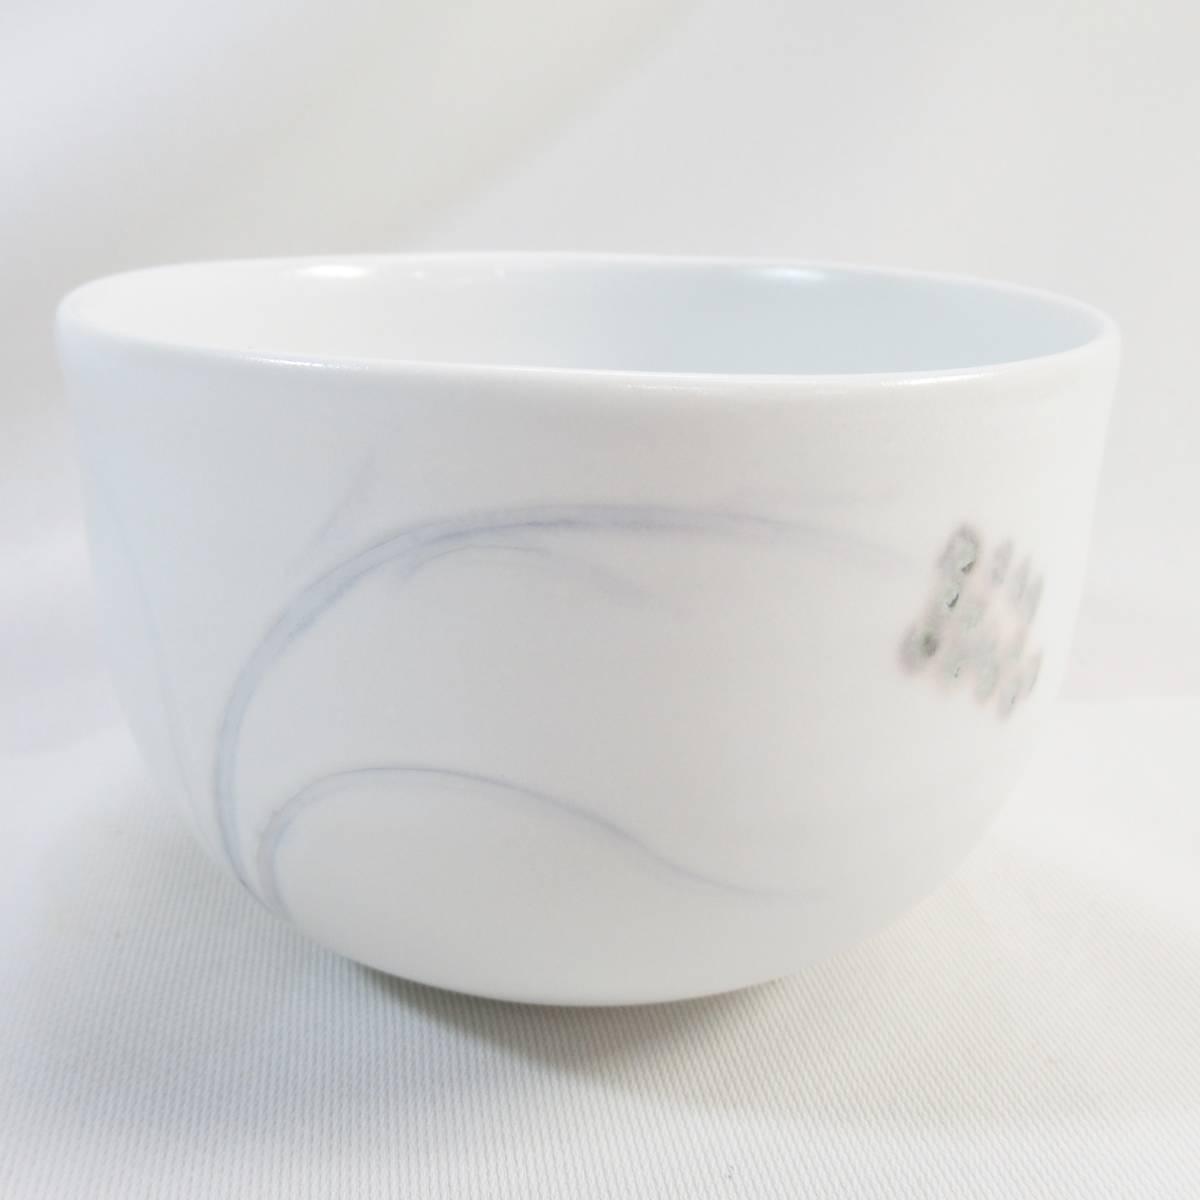 茶道具  出石焼 永澤 永山 白磁 鈴蘭図  茶碗  共箱 抹茶碗